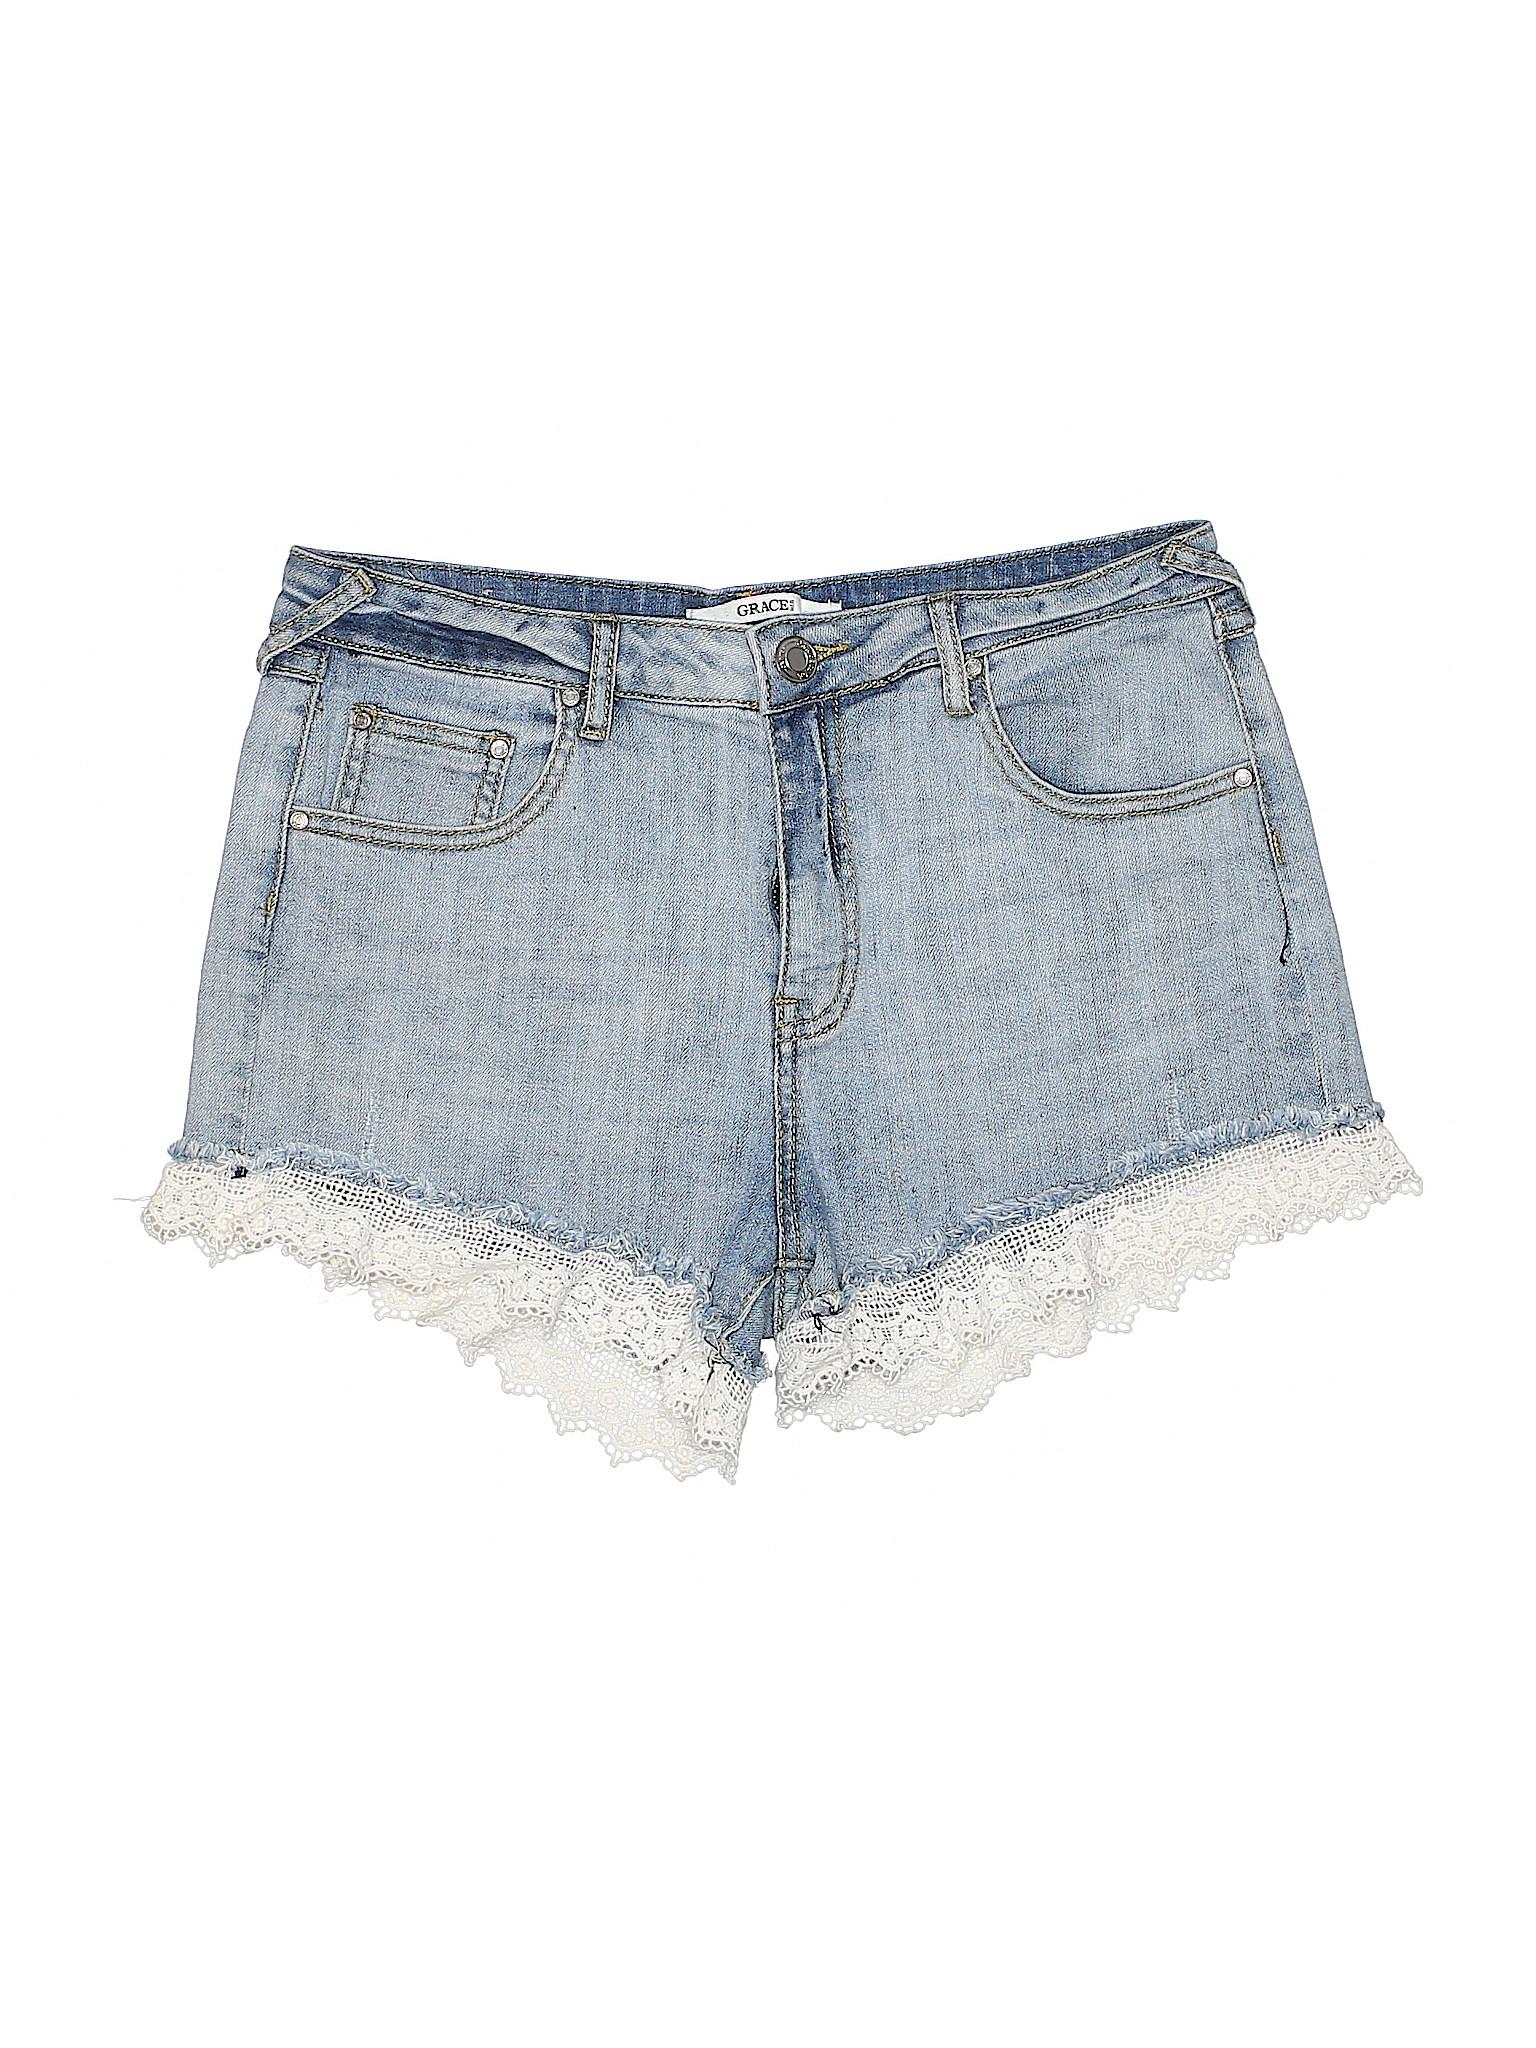 Boutique Grace Denim Grace Shorts Denim Shorts Boutique Boutique Grace Grace Boutique Denim Shorts qwzPxzFC